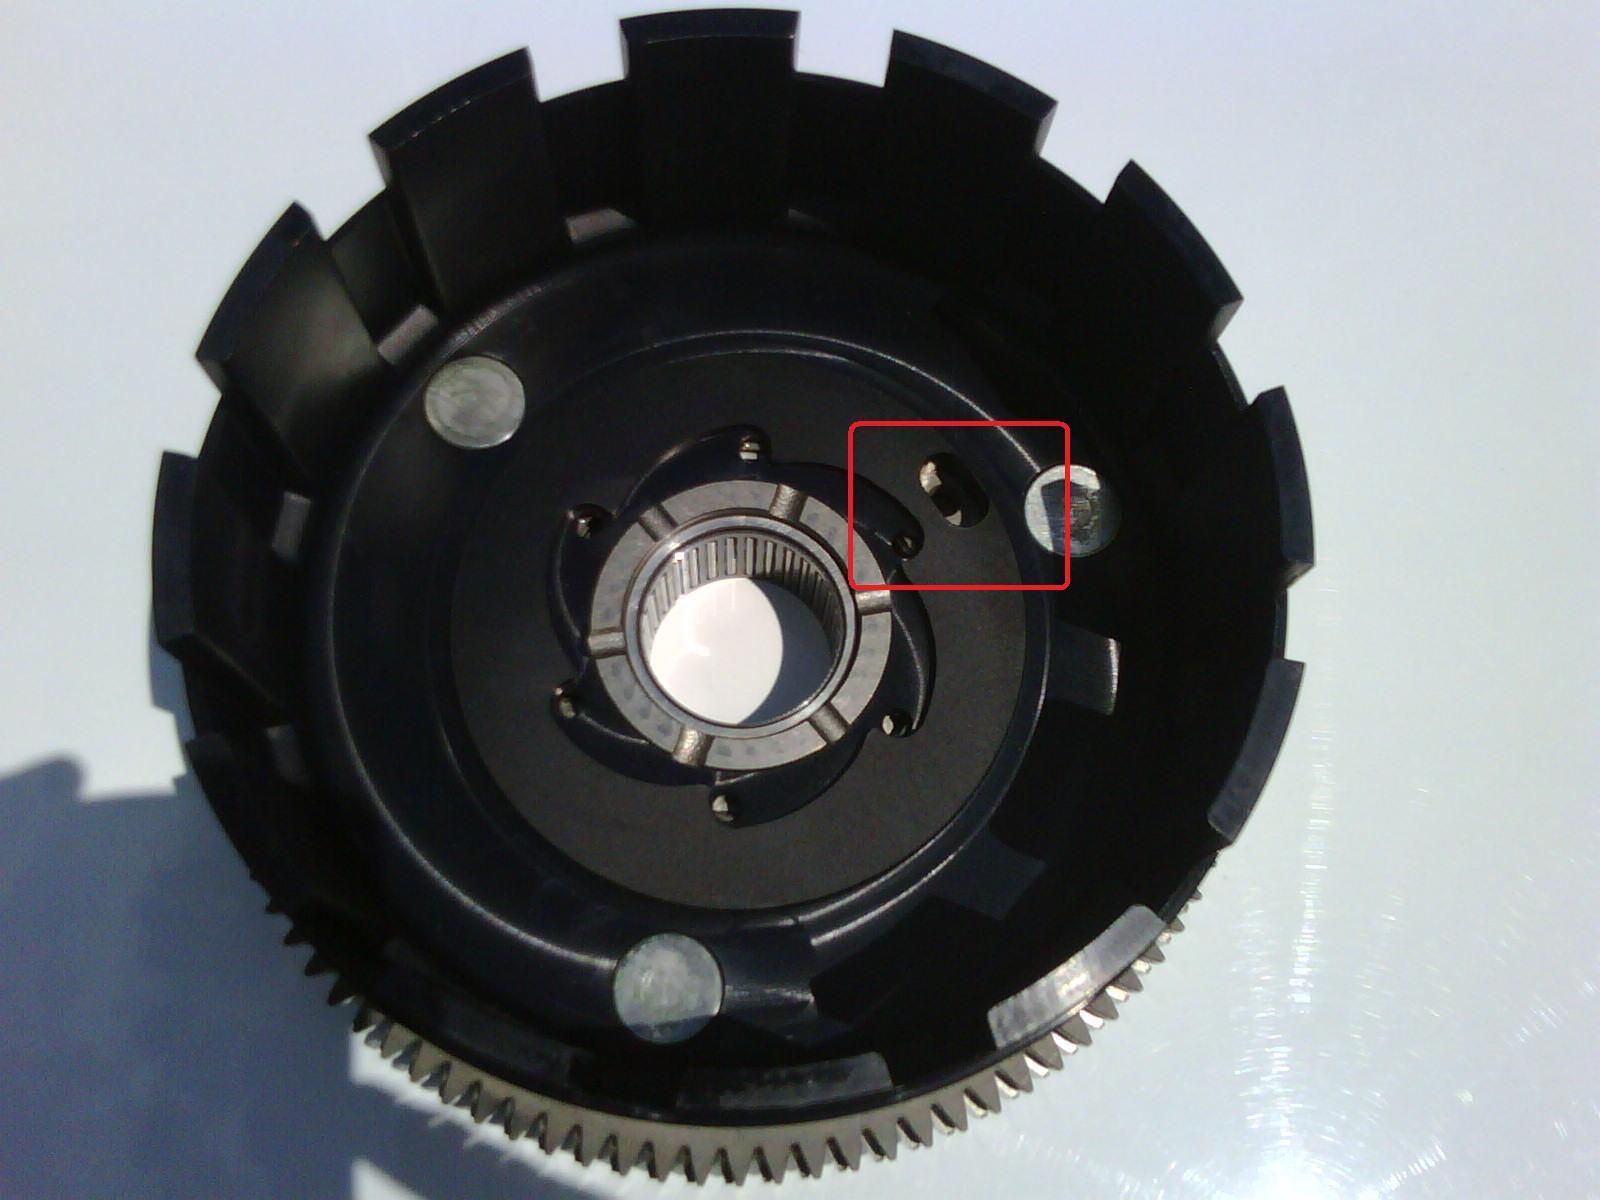 Backlash iliminator alignment hole MTC.jpg